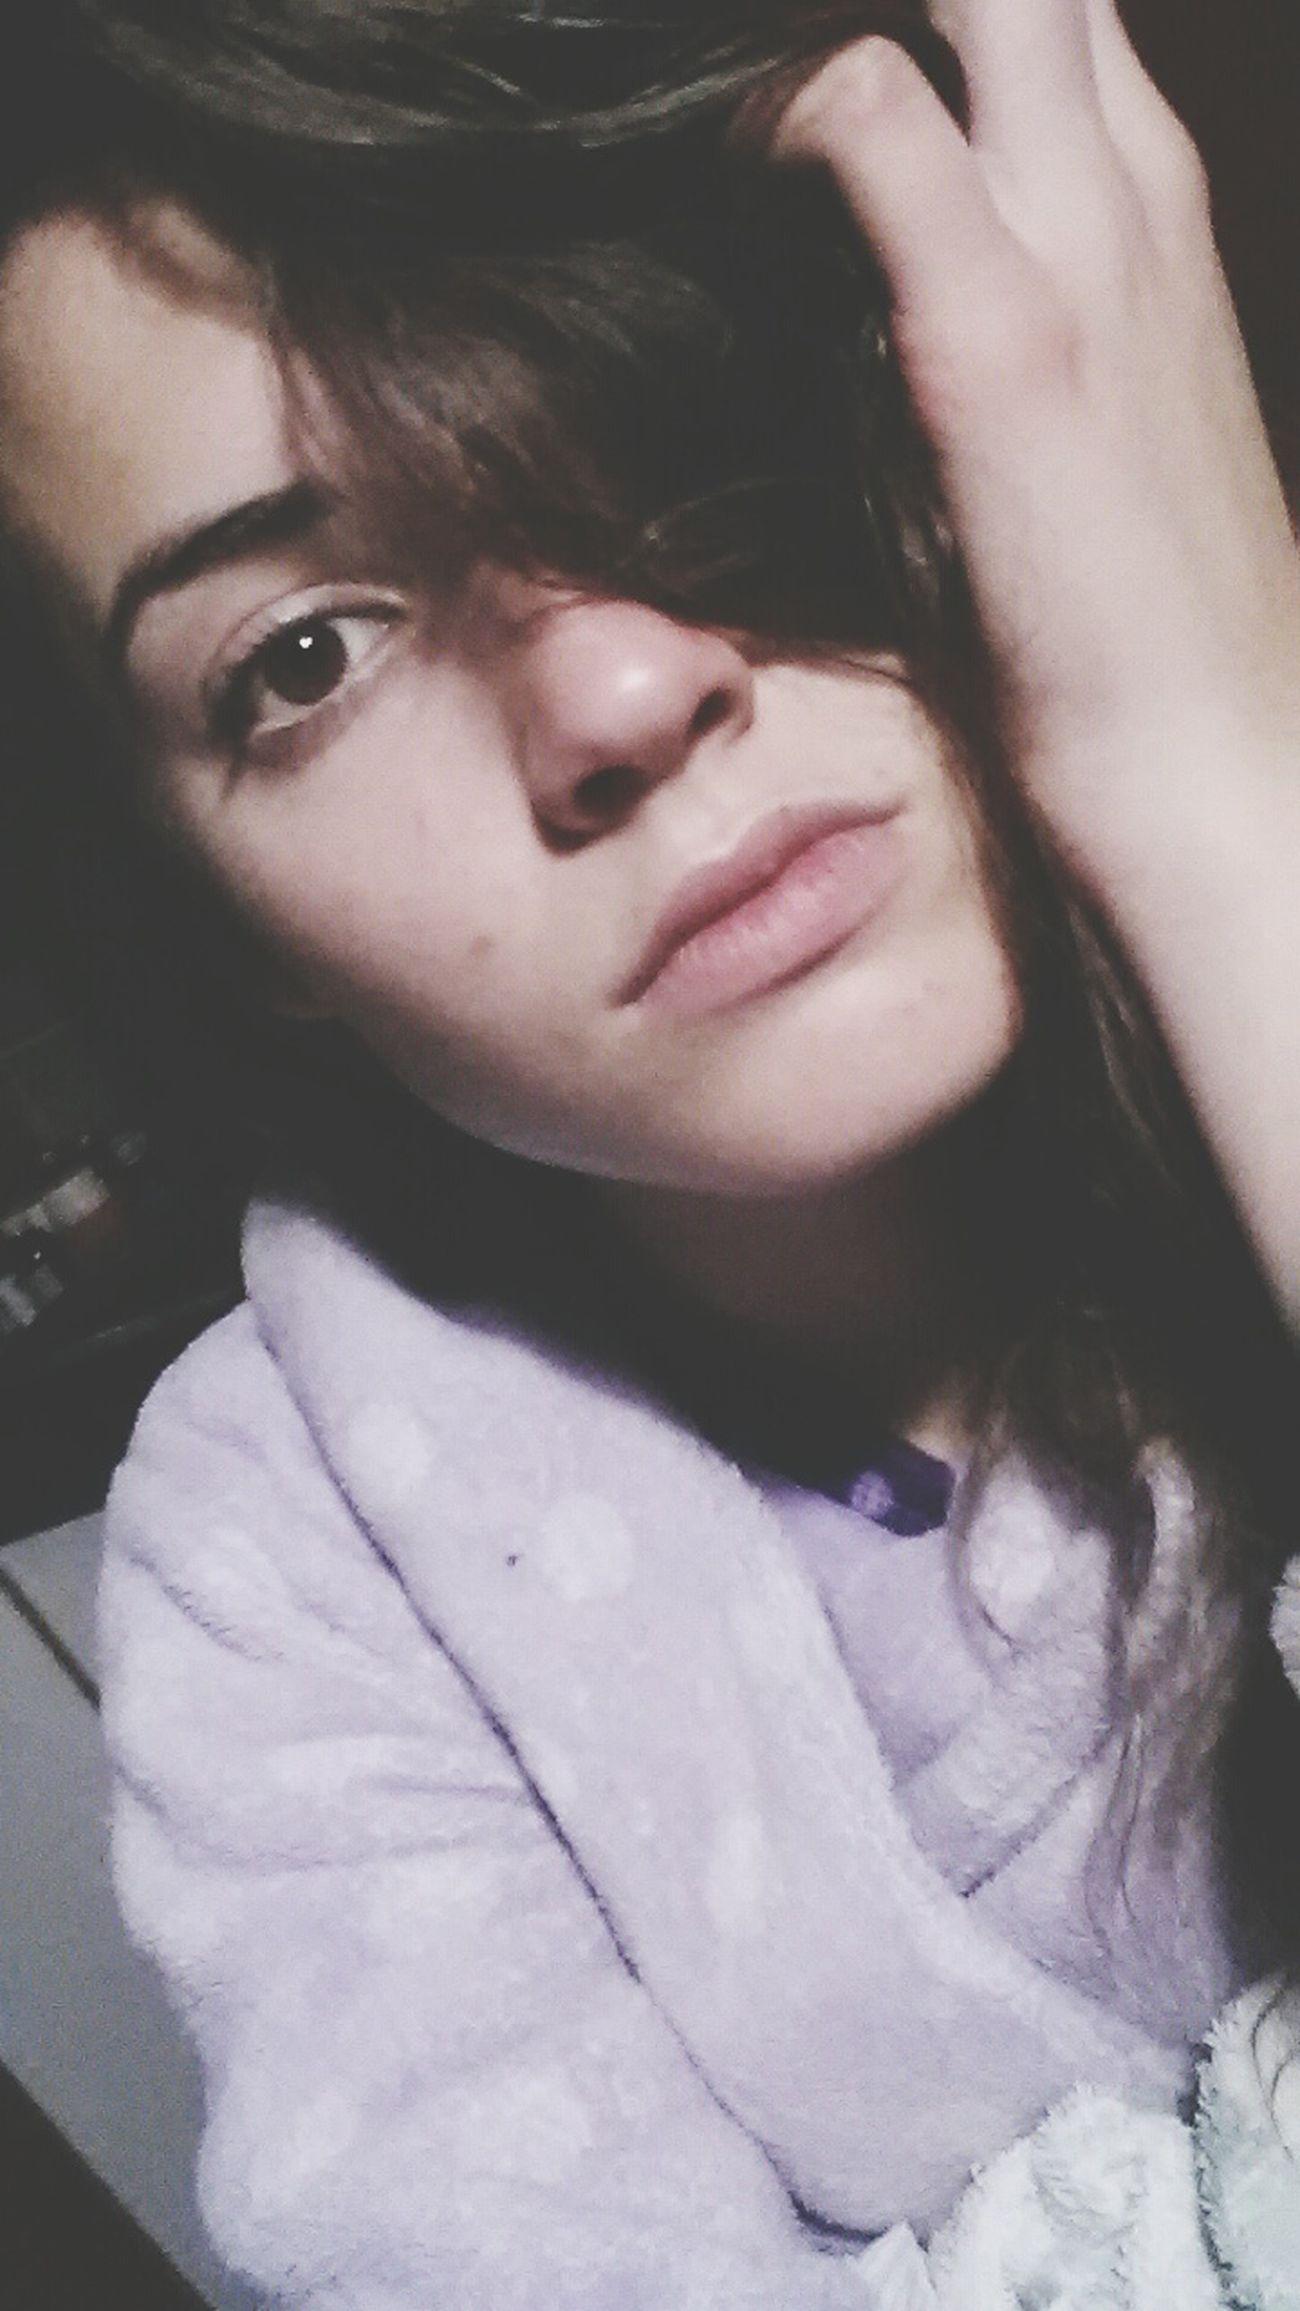 Goodnight EyeEm That's Me Girl Brunette Wintertime Selfie Nomakeup Straightface